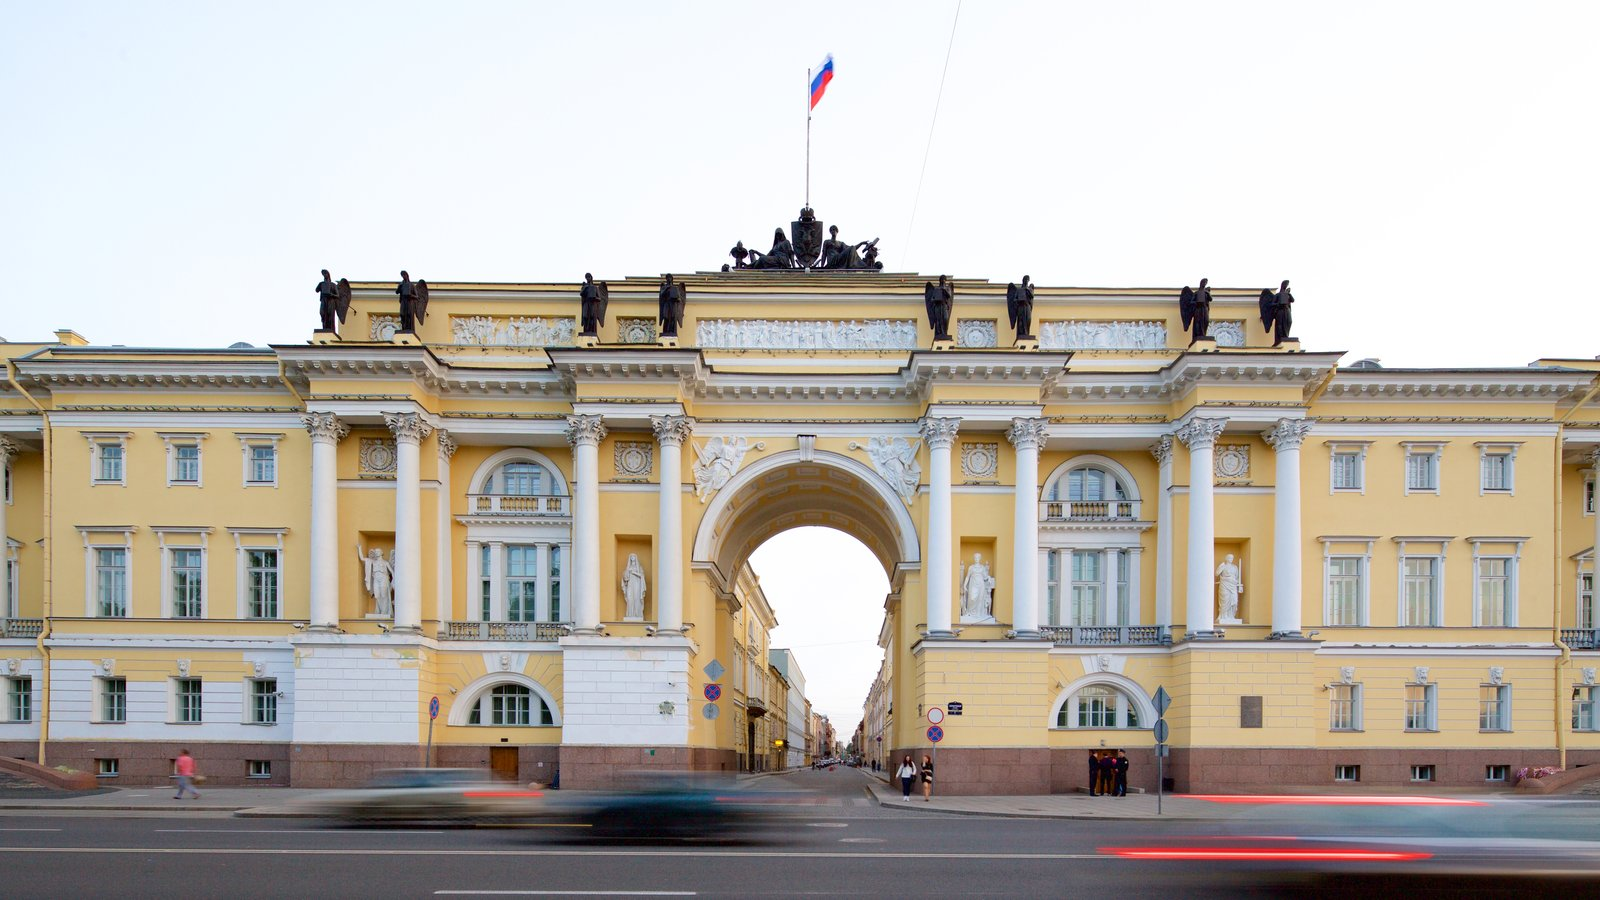 São Petersburgo que inclui arquitetura de patrimônio